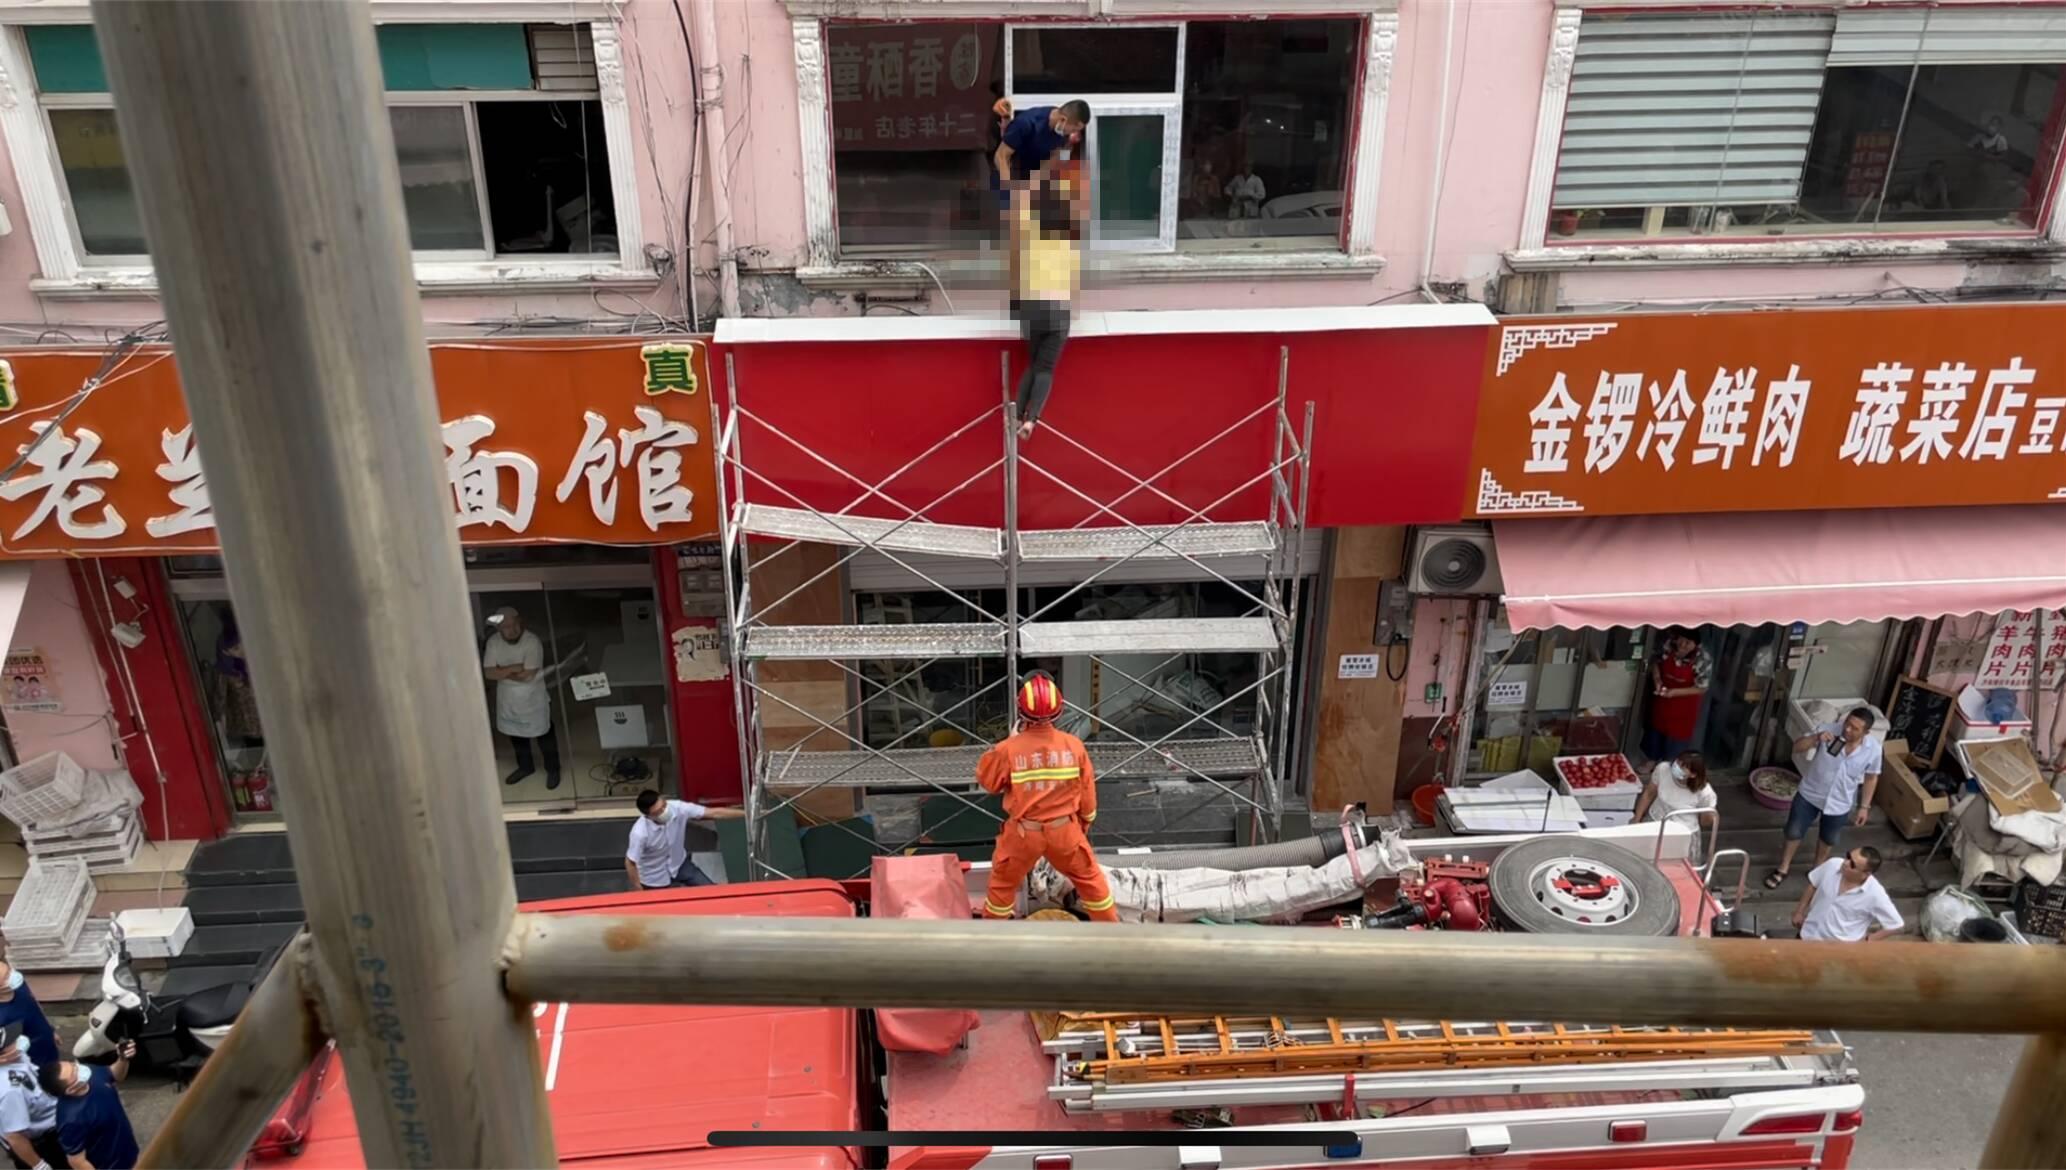 济南一女子因家庭纠纷爬上五米高脚手架 消防员飞身救下